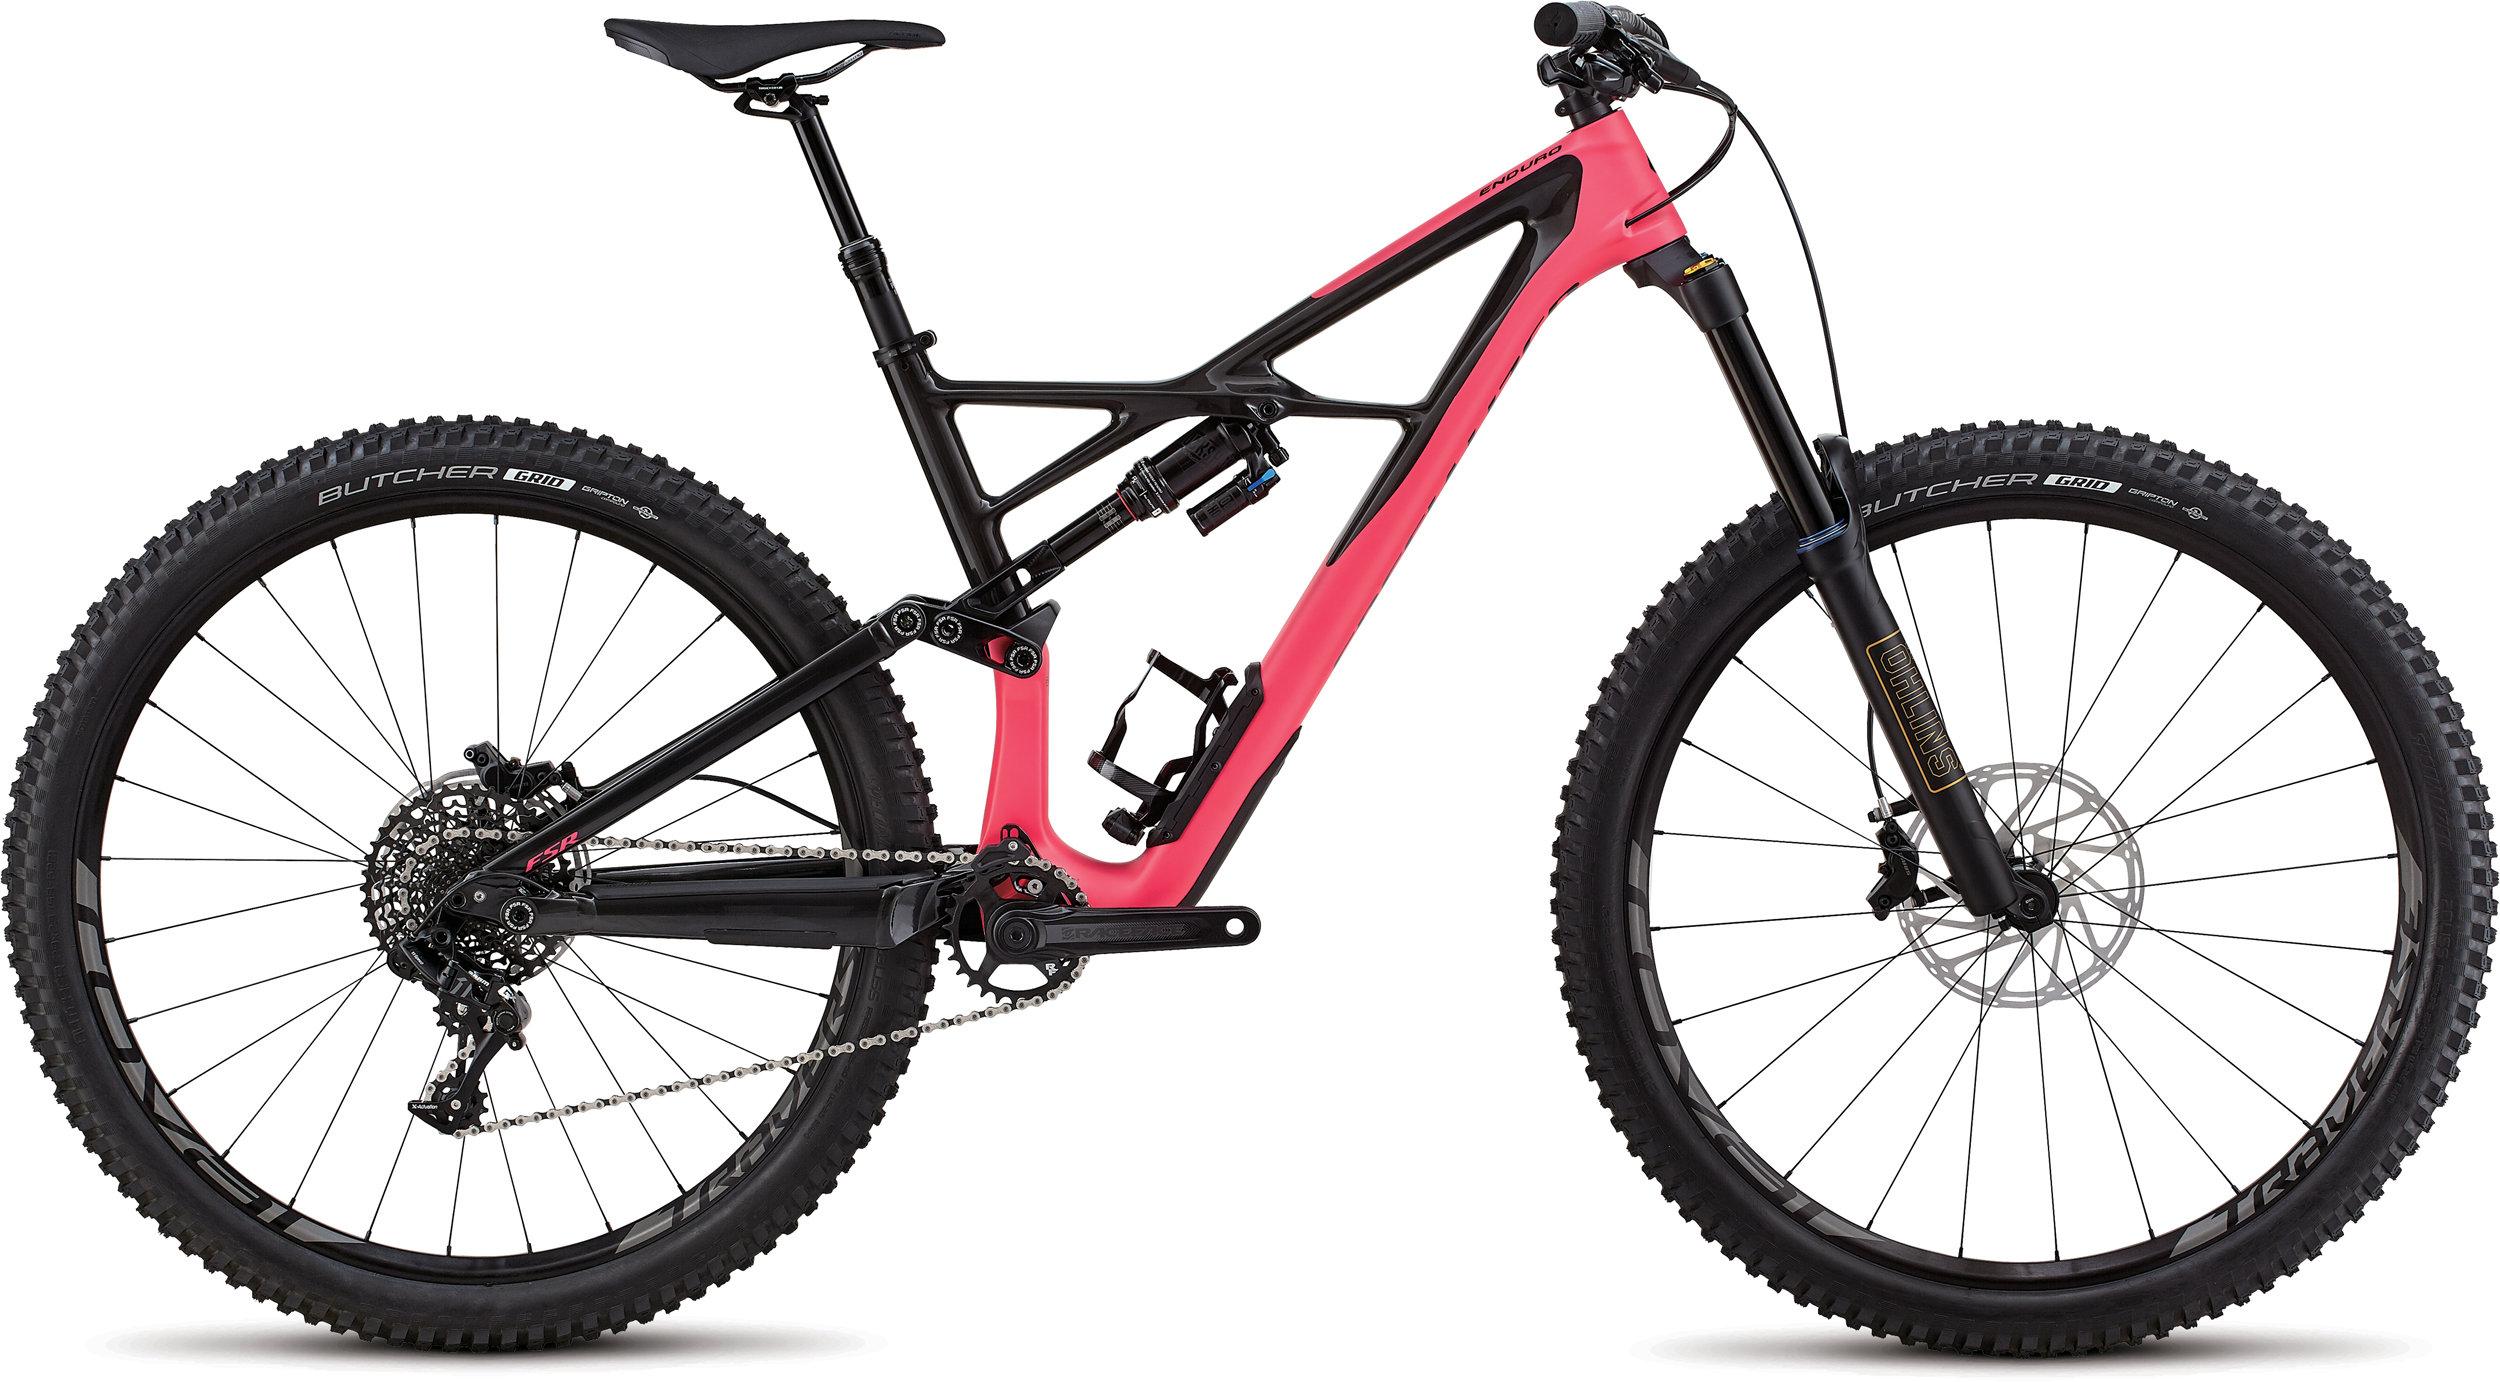 Specialized Enduro Elite 29/6Fattie SATIN GLOSS ACID PINK / CARBON S - Bike Maniac